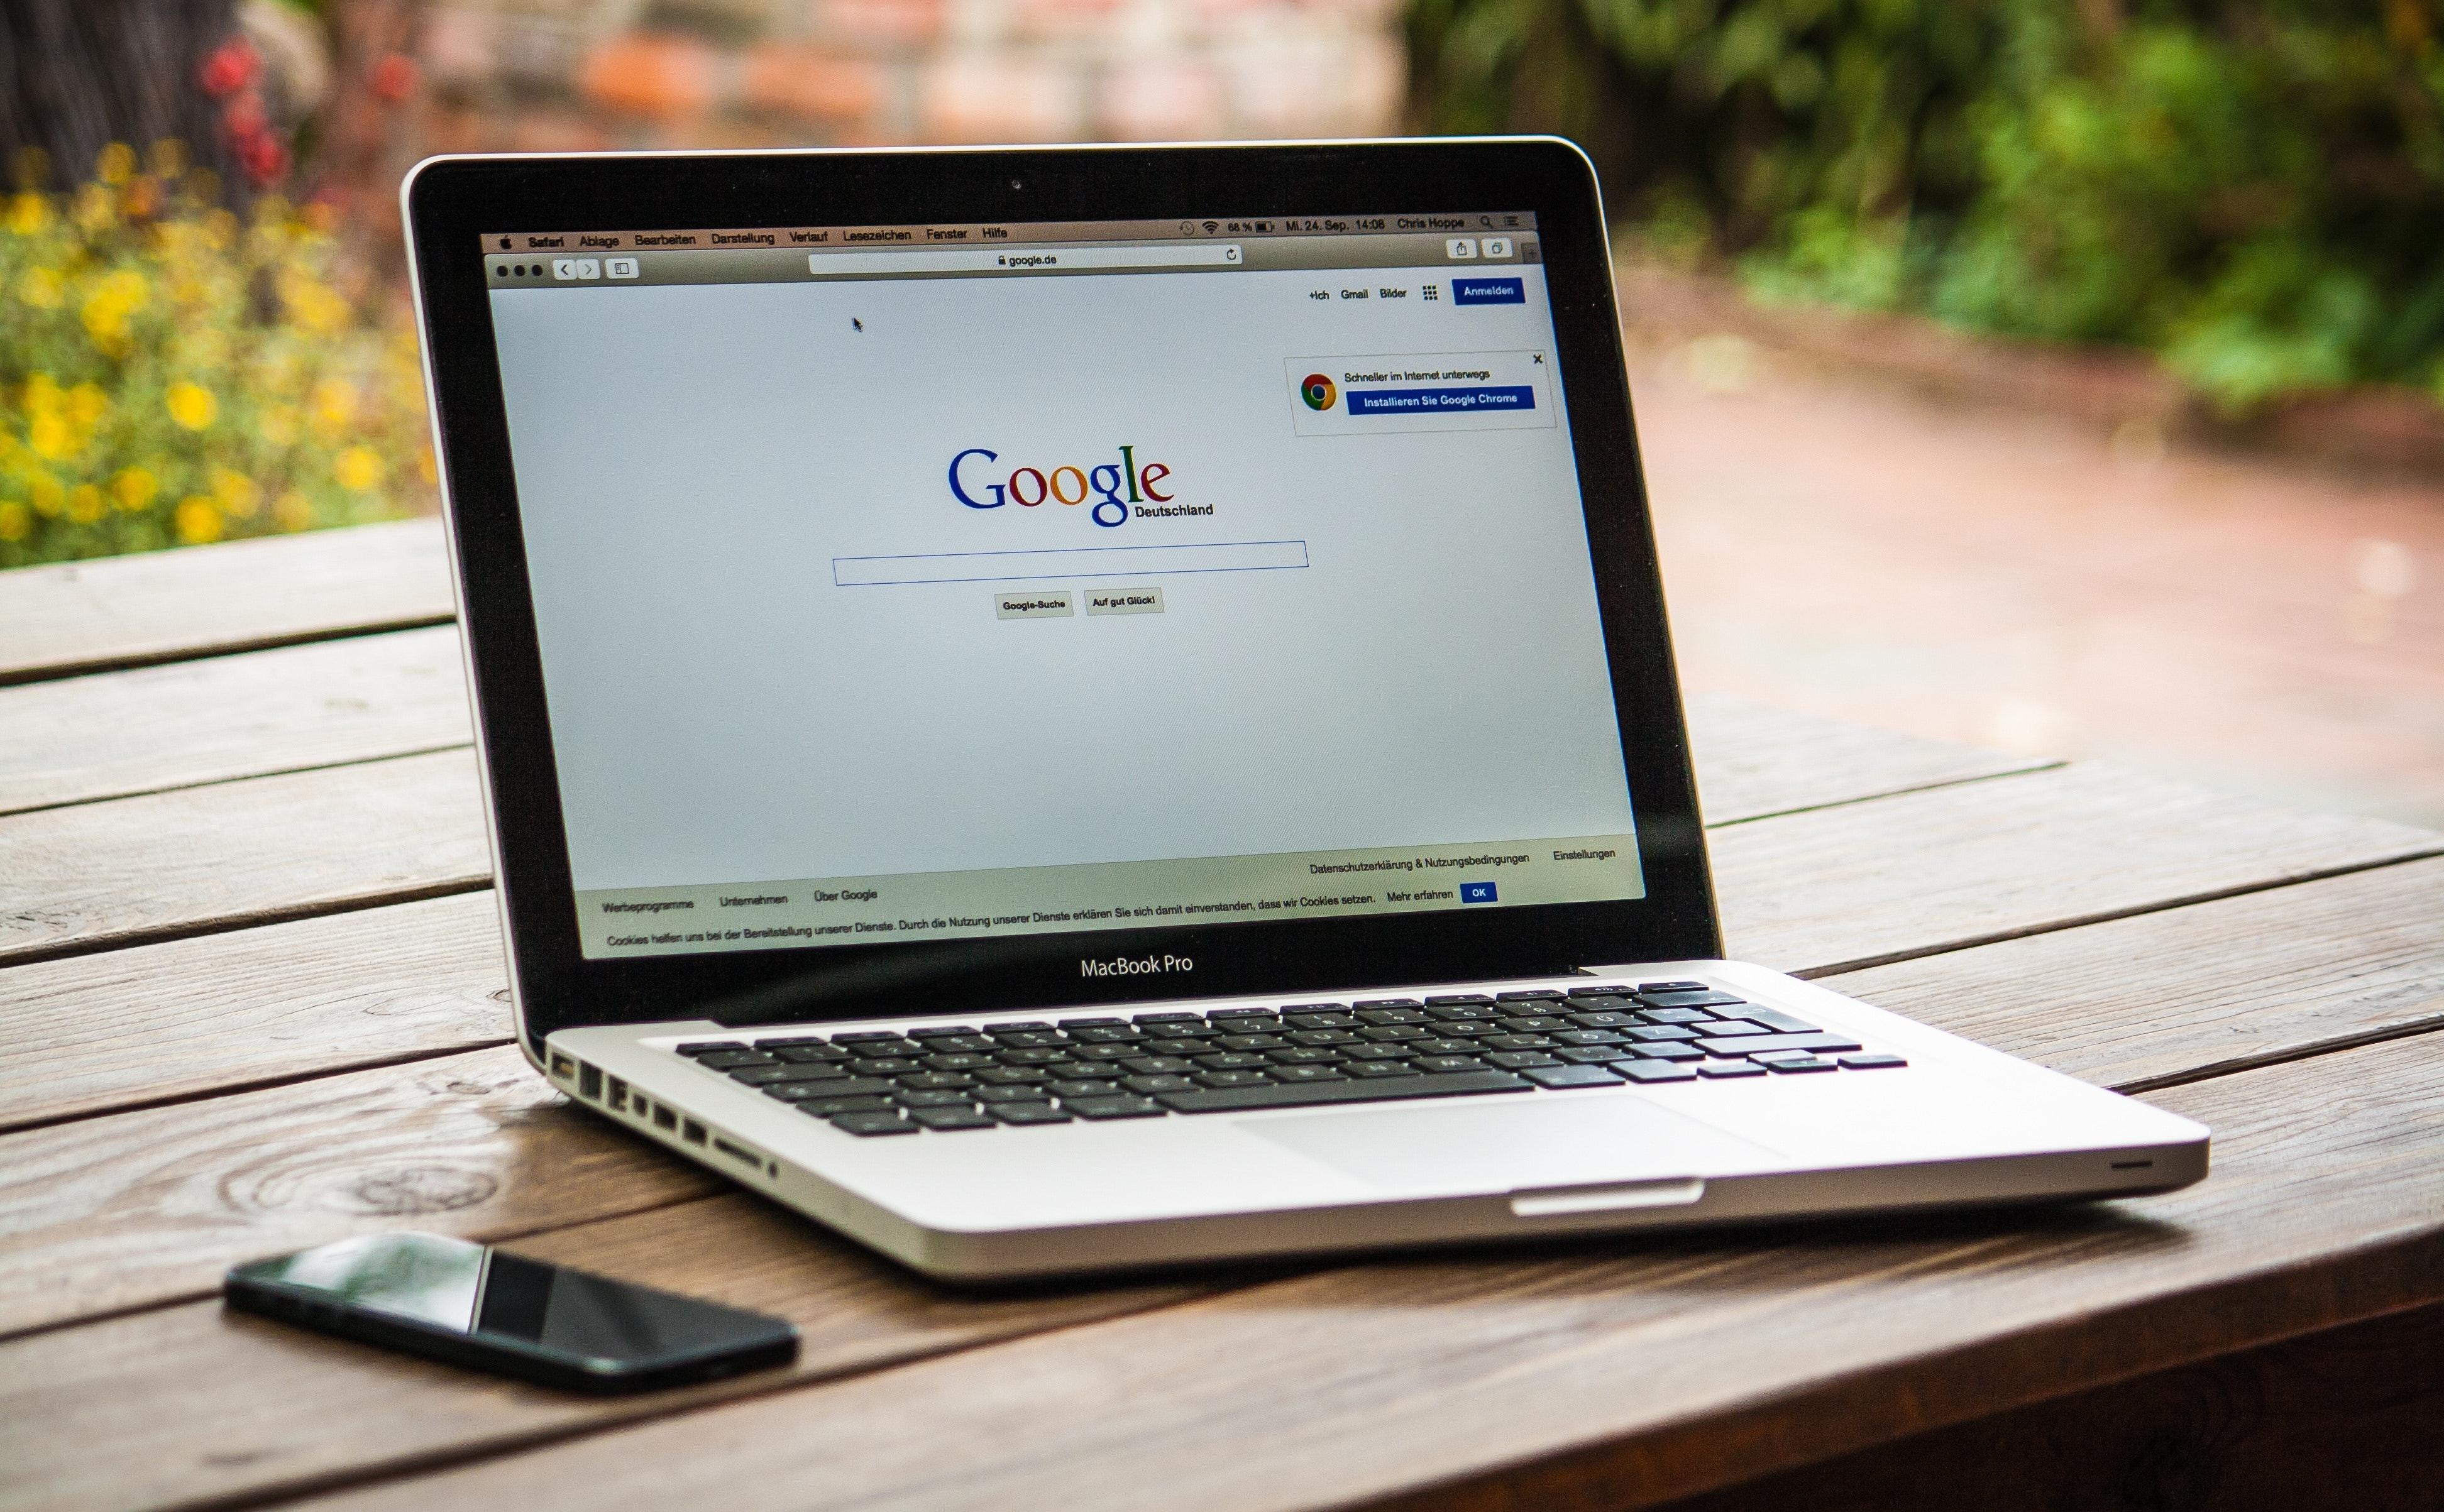 Comment transformer un moteur de recherche en chatbot ?